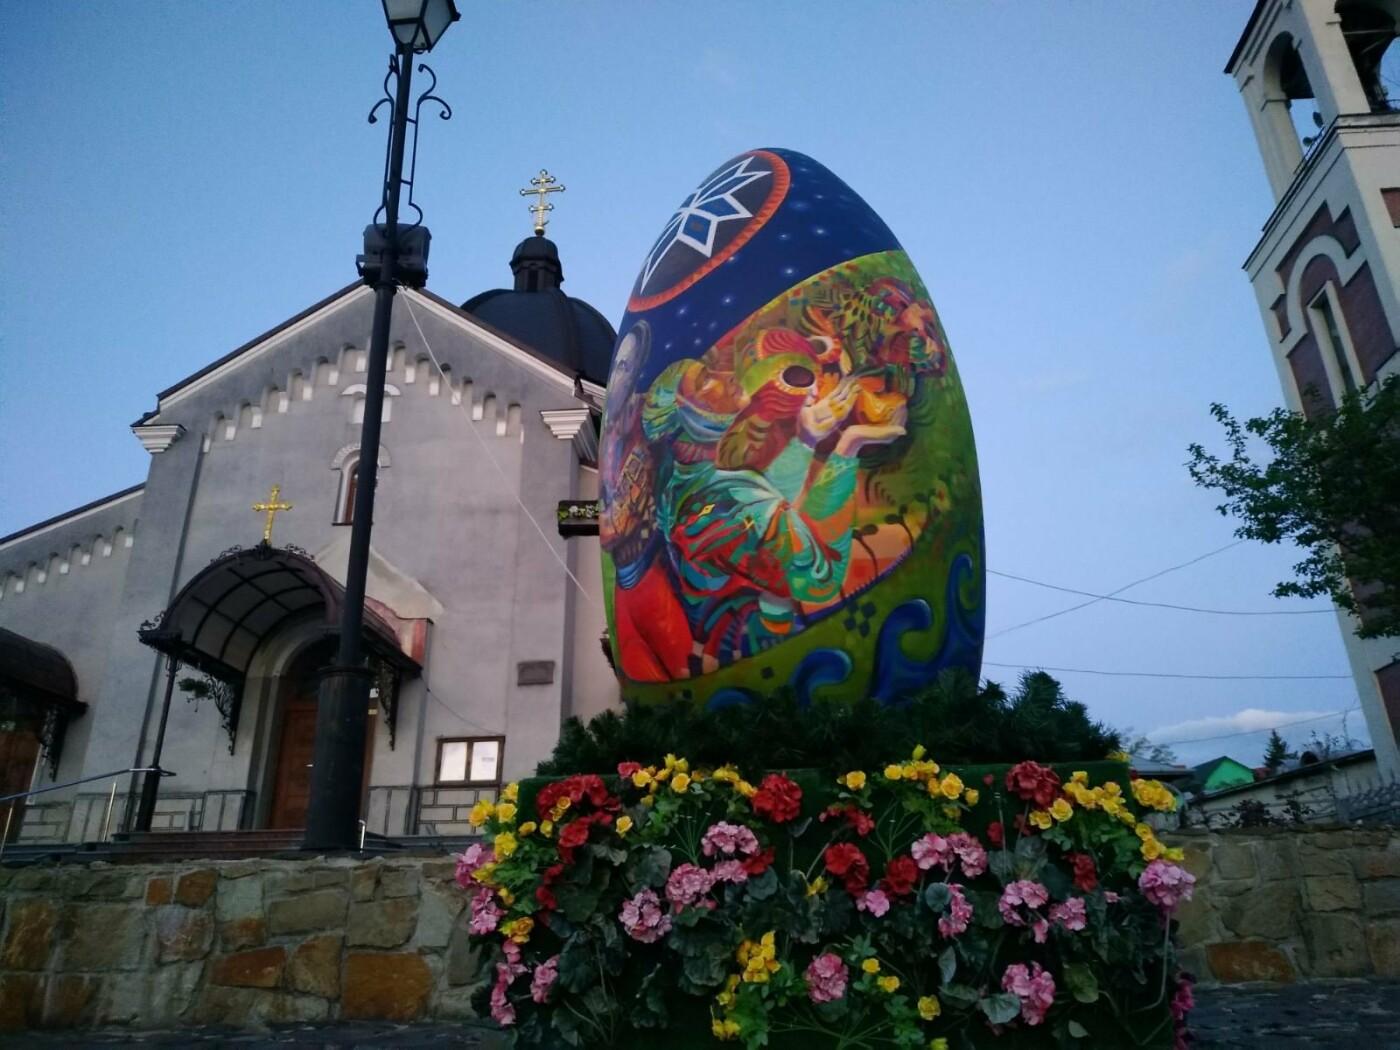 У Трускавці біля церкви встановили дивовижну писанку. Фото, фото-4, Фото - 03247.com.ua